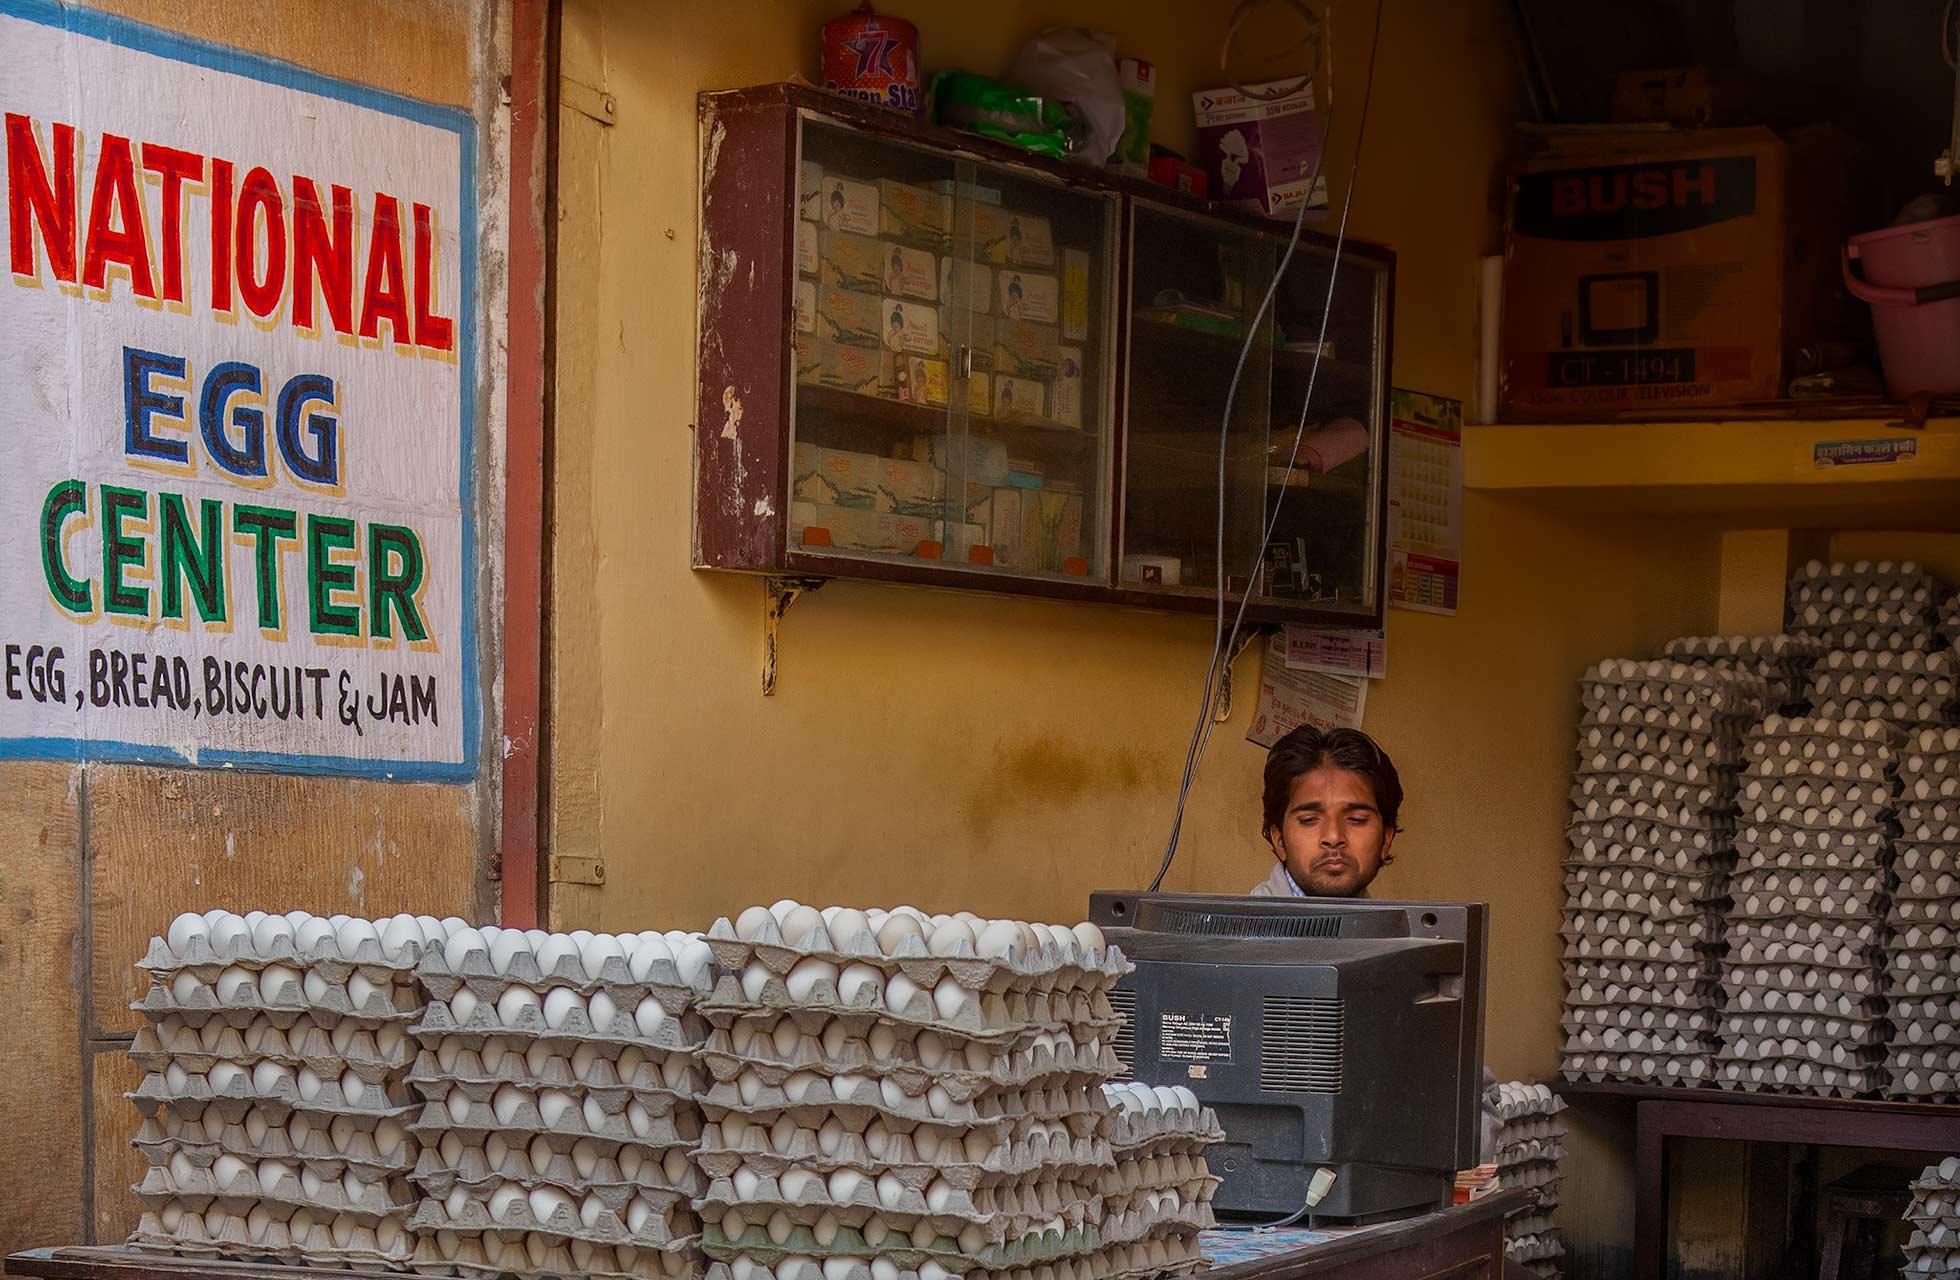 Egg Center